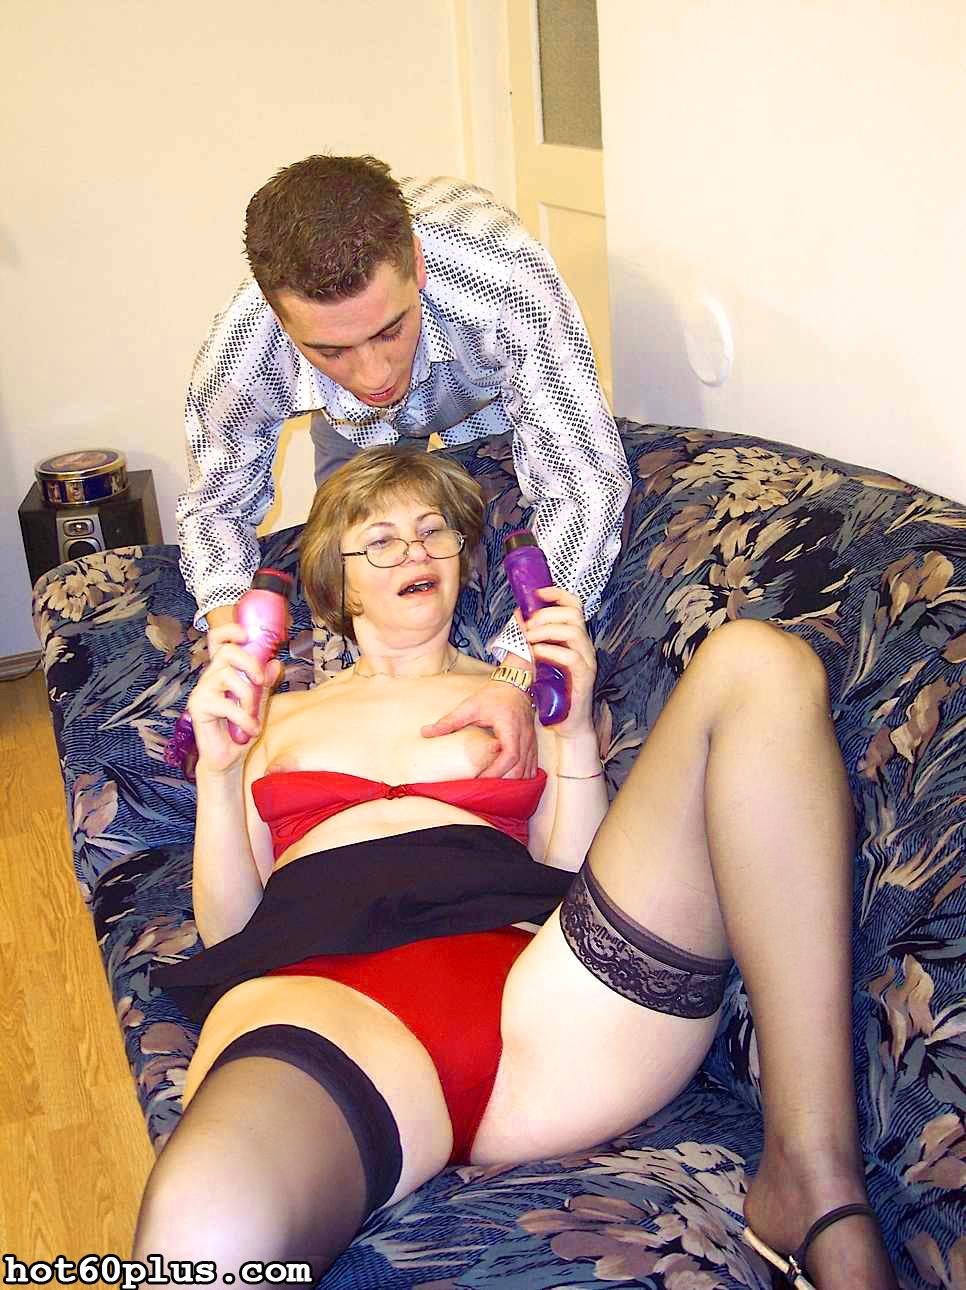 ХХХ фотки про трах с мамой на диване. Фото - 14